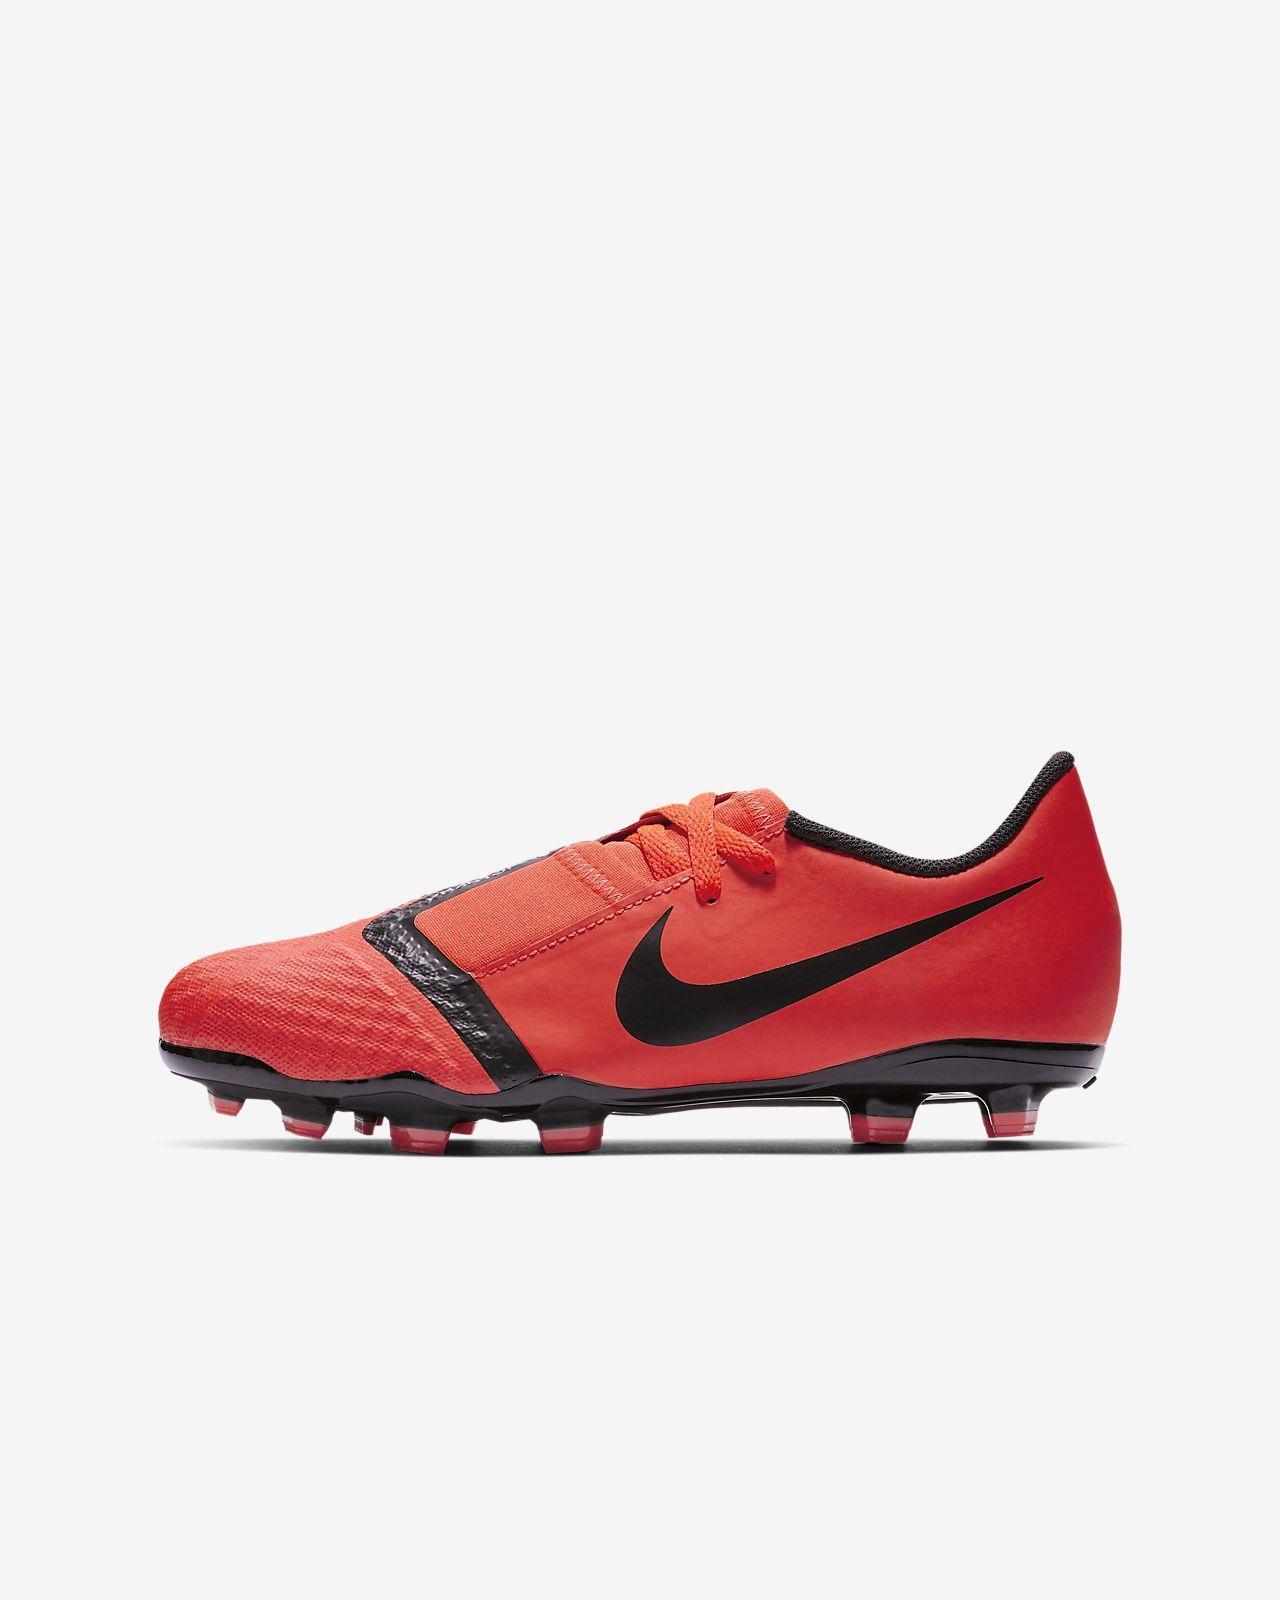 Ποδοσφαιρικό παπούτσι για σκληρές επιφάνειες Nike Jr. PhantomVNM Academy FG Game Over για μεγάλα παιδιά